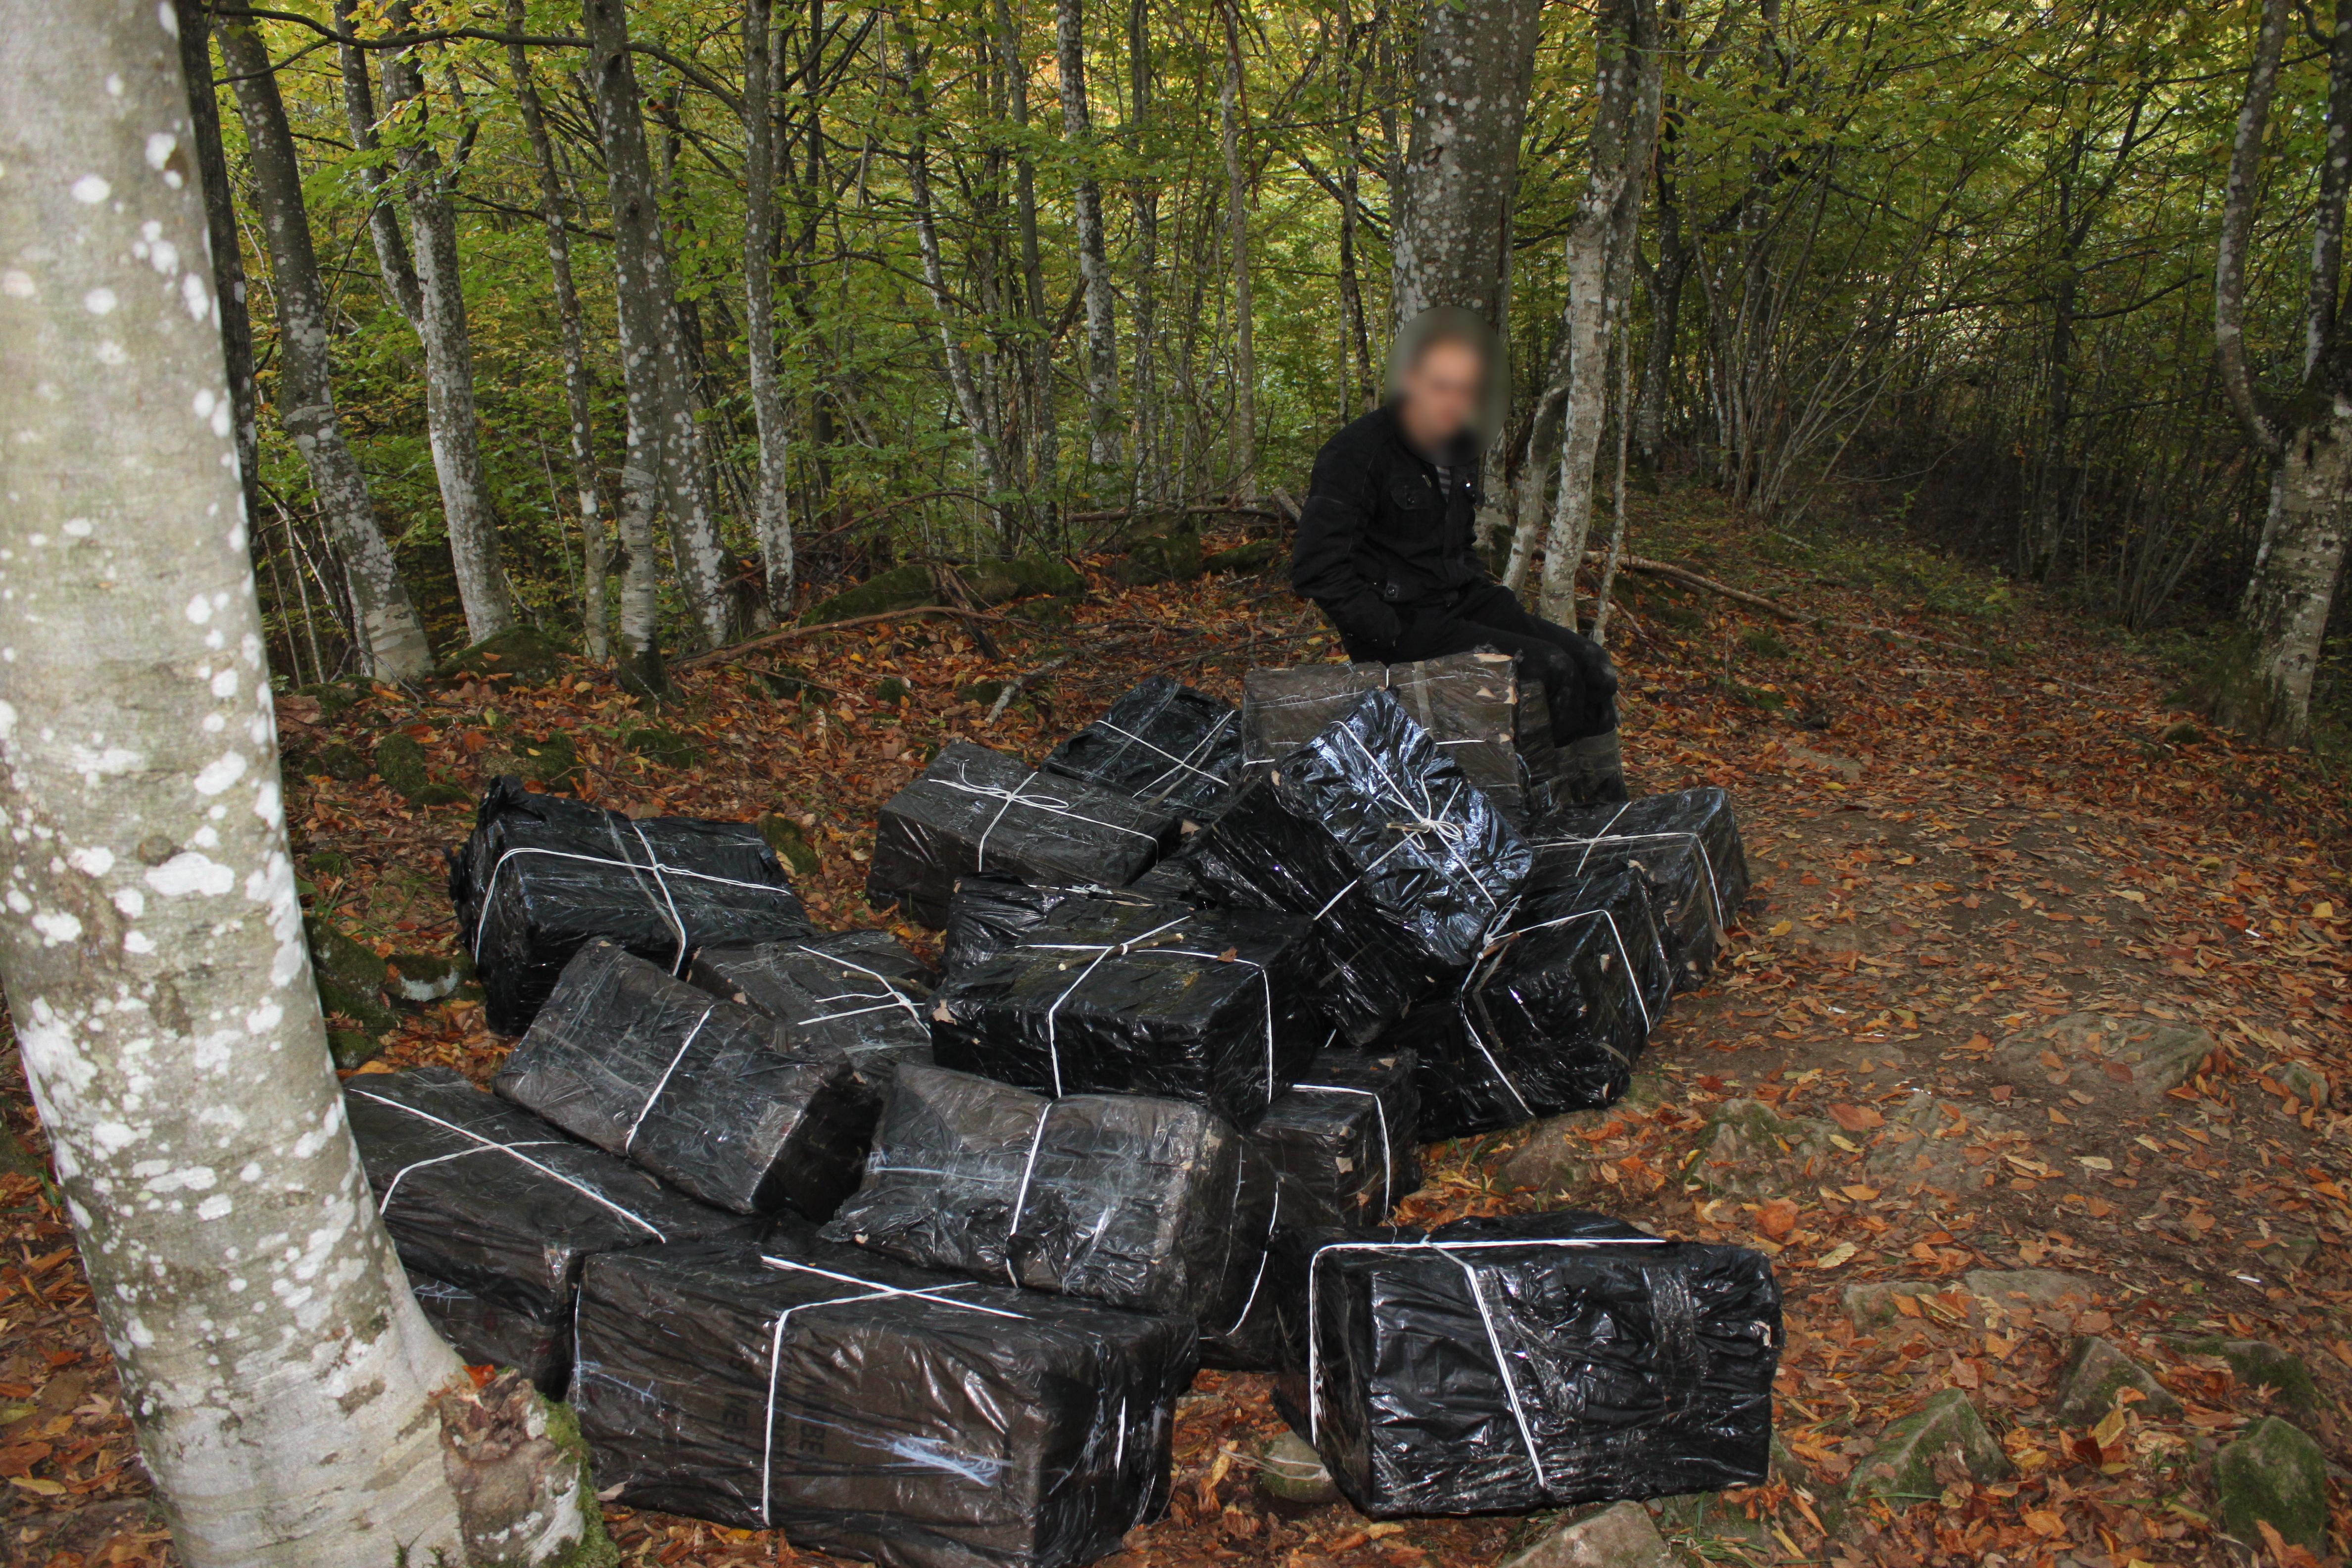 10.000 de pachete de tigari, in valore de peste 88.000 de lei, confiscate de politistii de frontiera